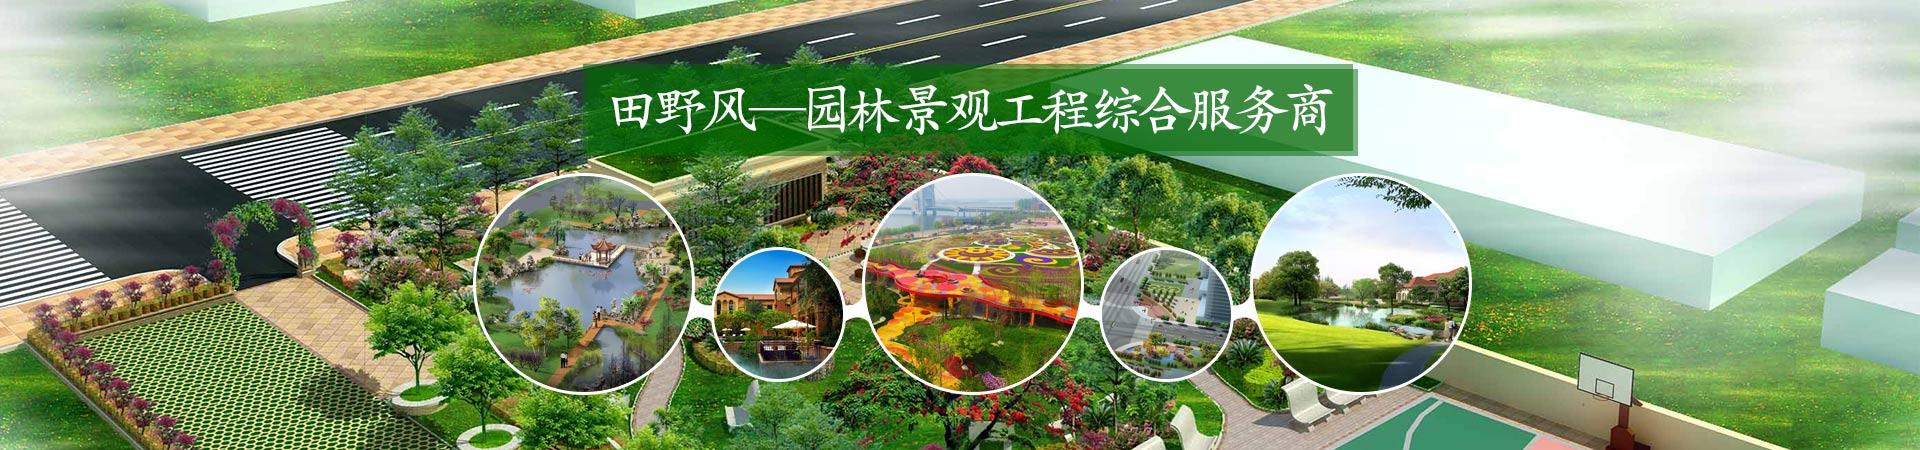 田野风-园林景观工程综合服务商